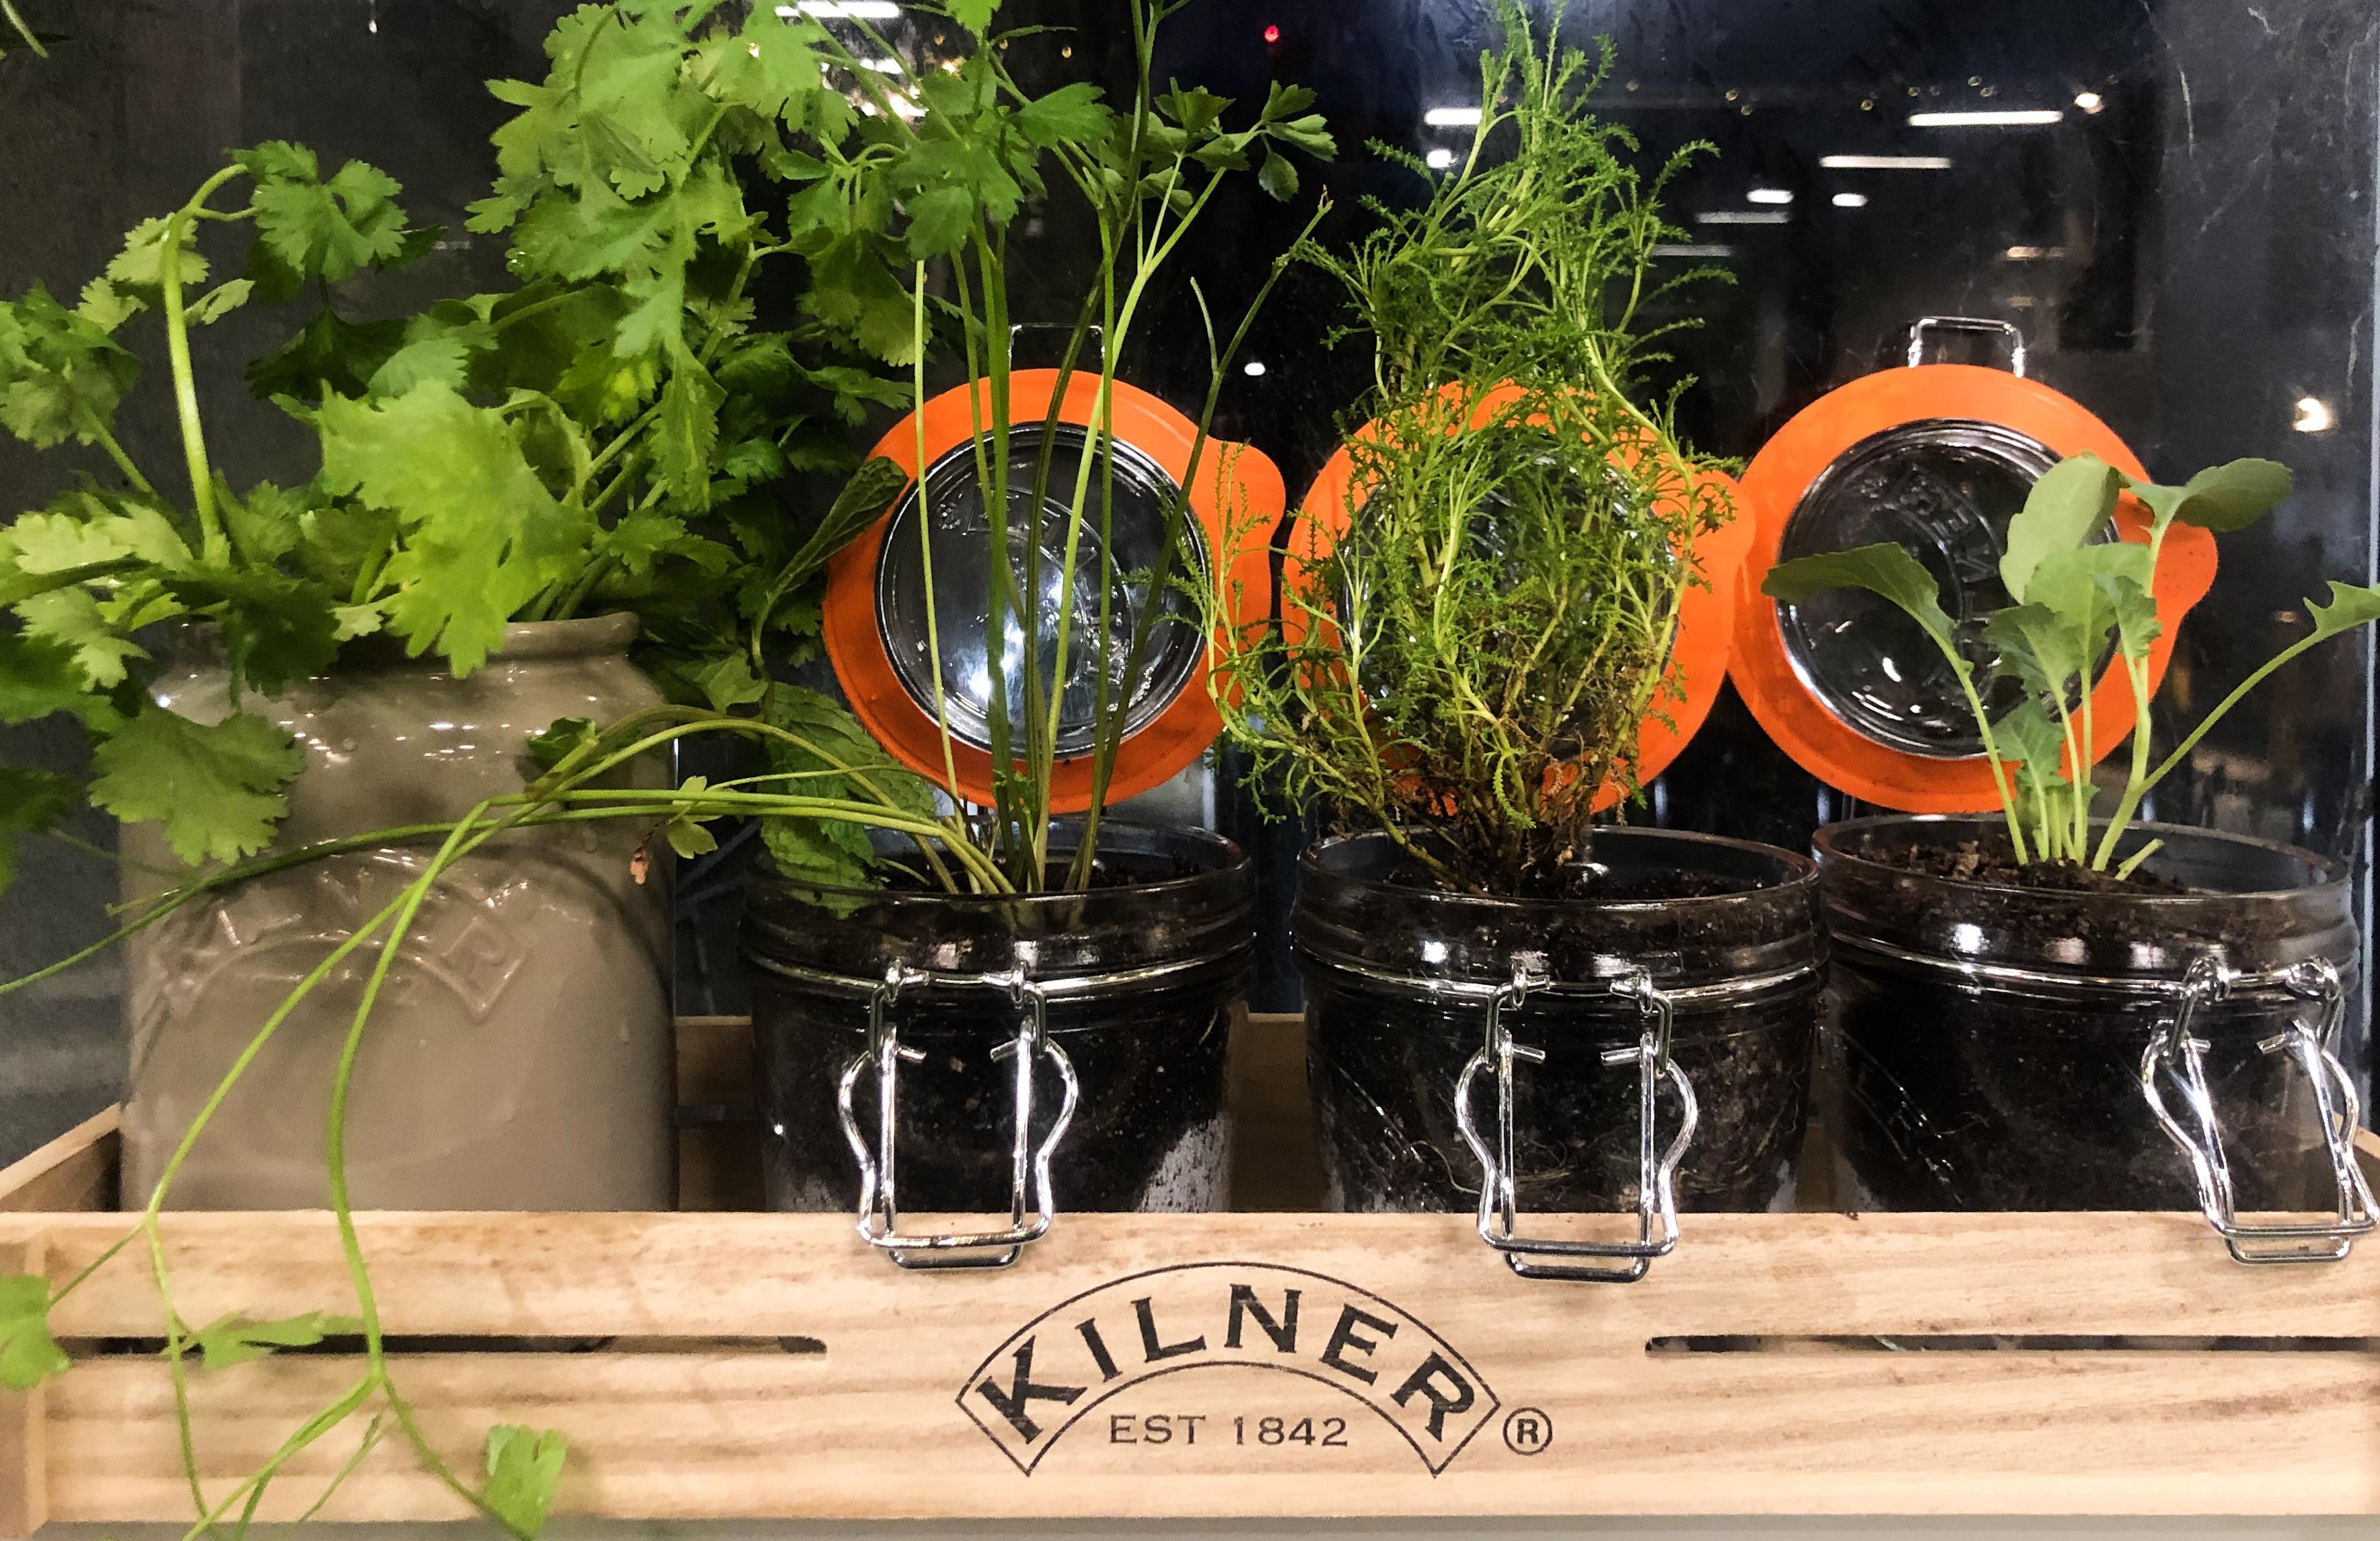 Kilner® Jars being used in the veggie garden